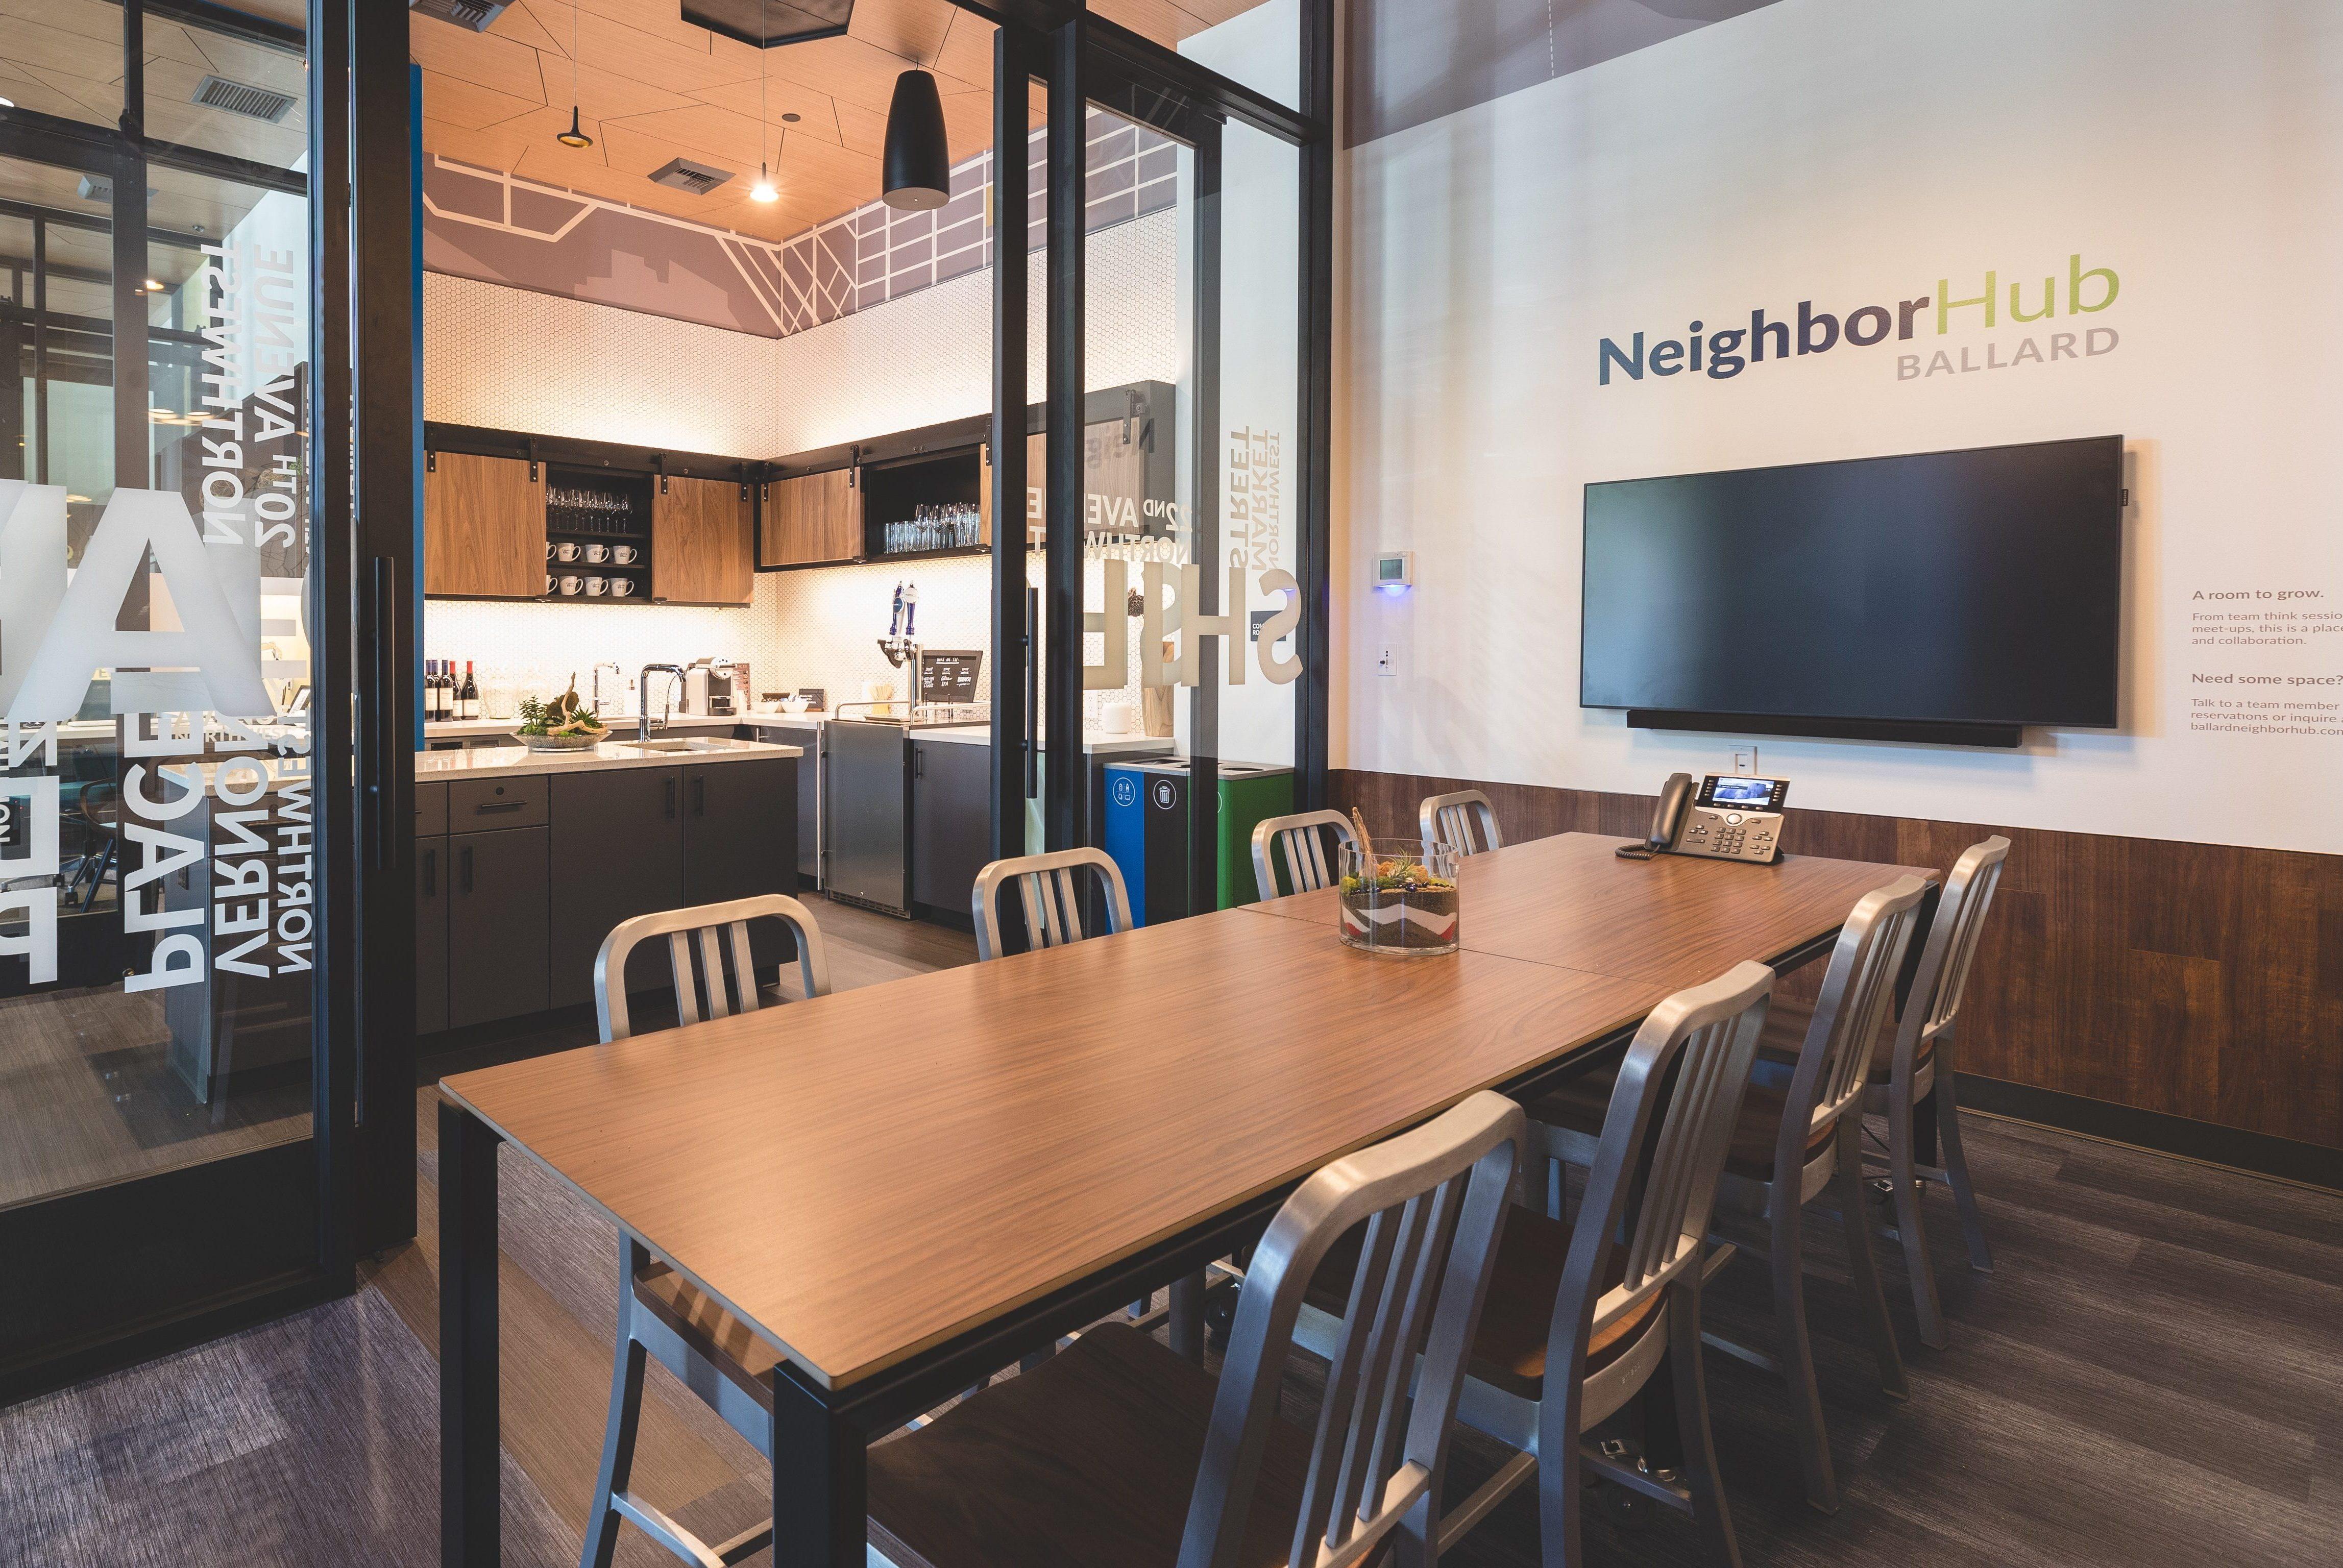 NeighborHub Ballard Board Room